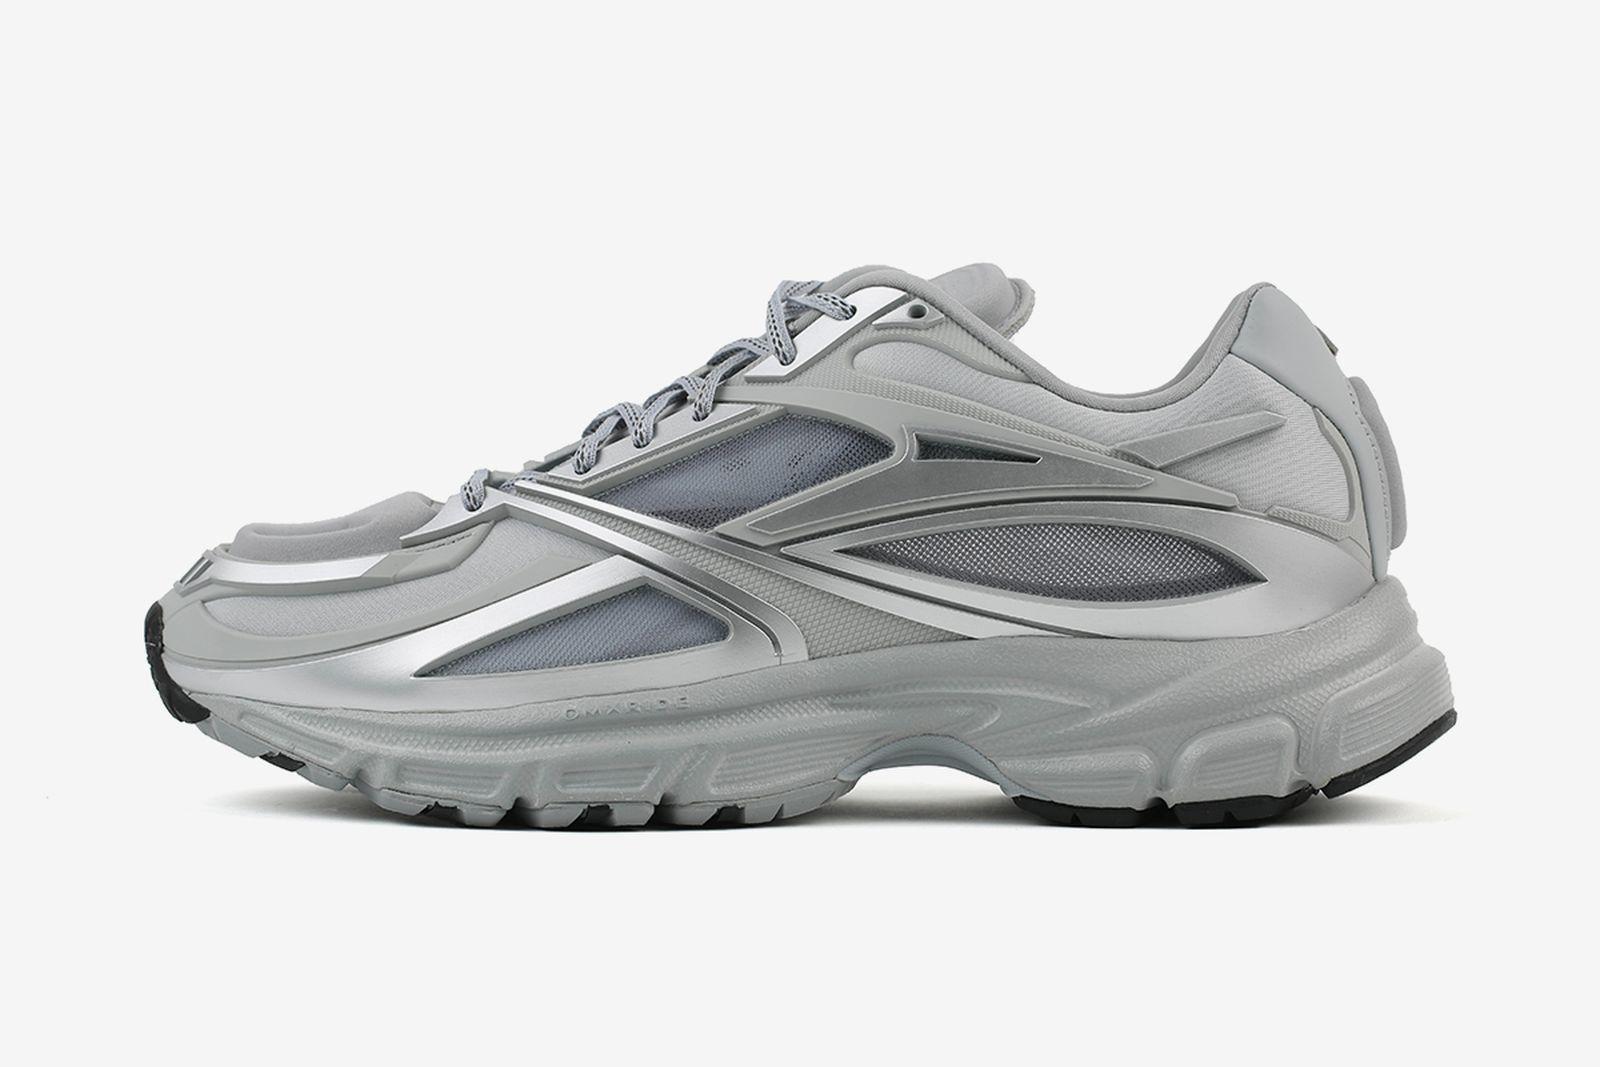 reebok-premier-road-modern-metallic-silver-release-info-01